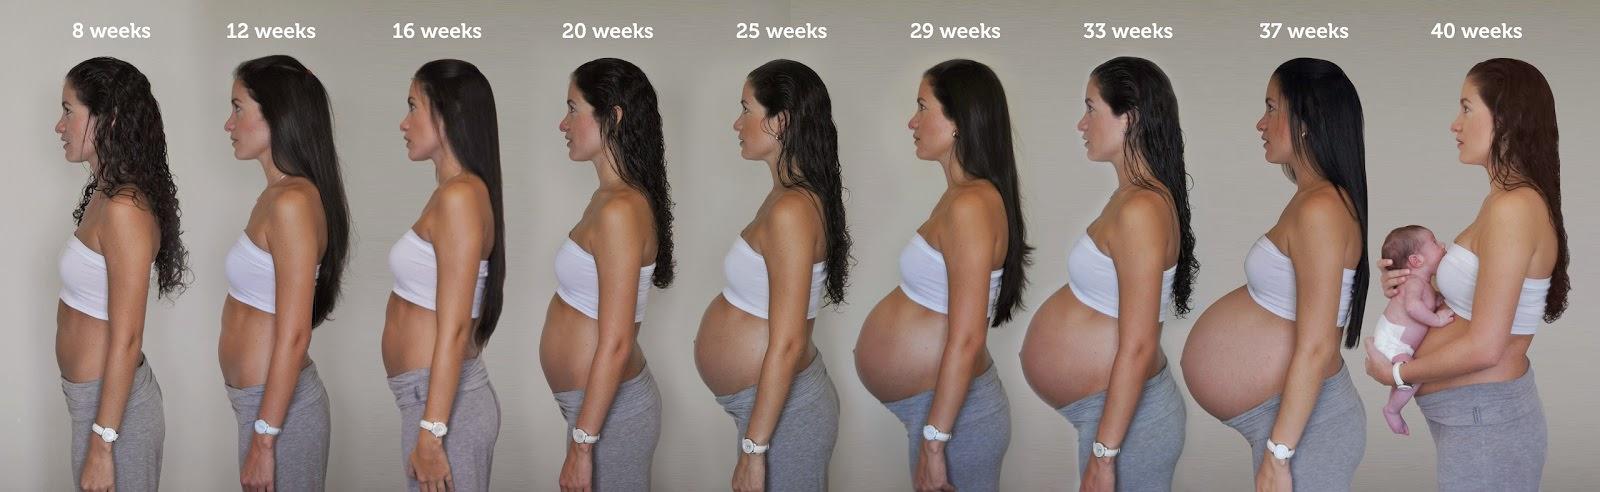 Tu boca durante el embarazo